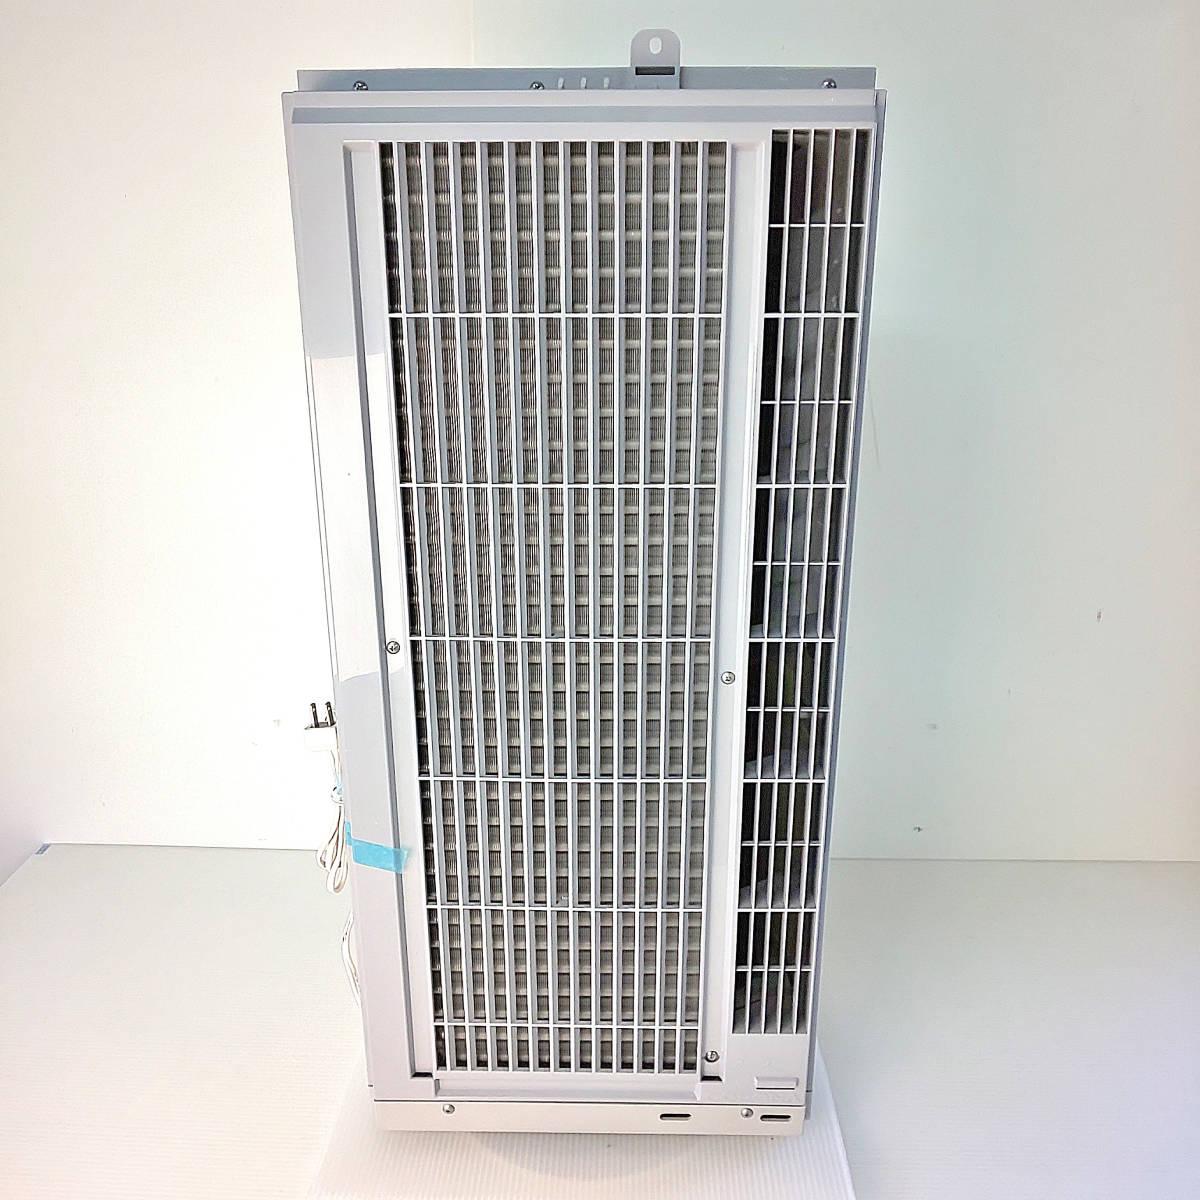 未使用品/2017年製 CORONA ウインドエアコン 窓用エアコン冷暖房兼用 4.5~7畳用 CWH-A1817 換気機能付 窓枠 取説付 付属付_画像7